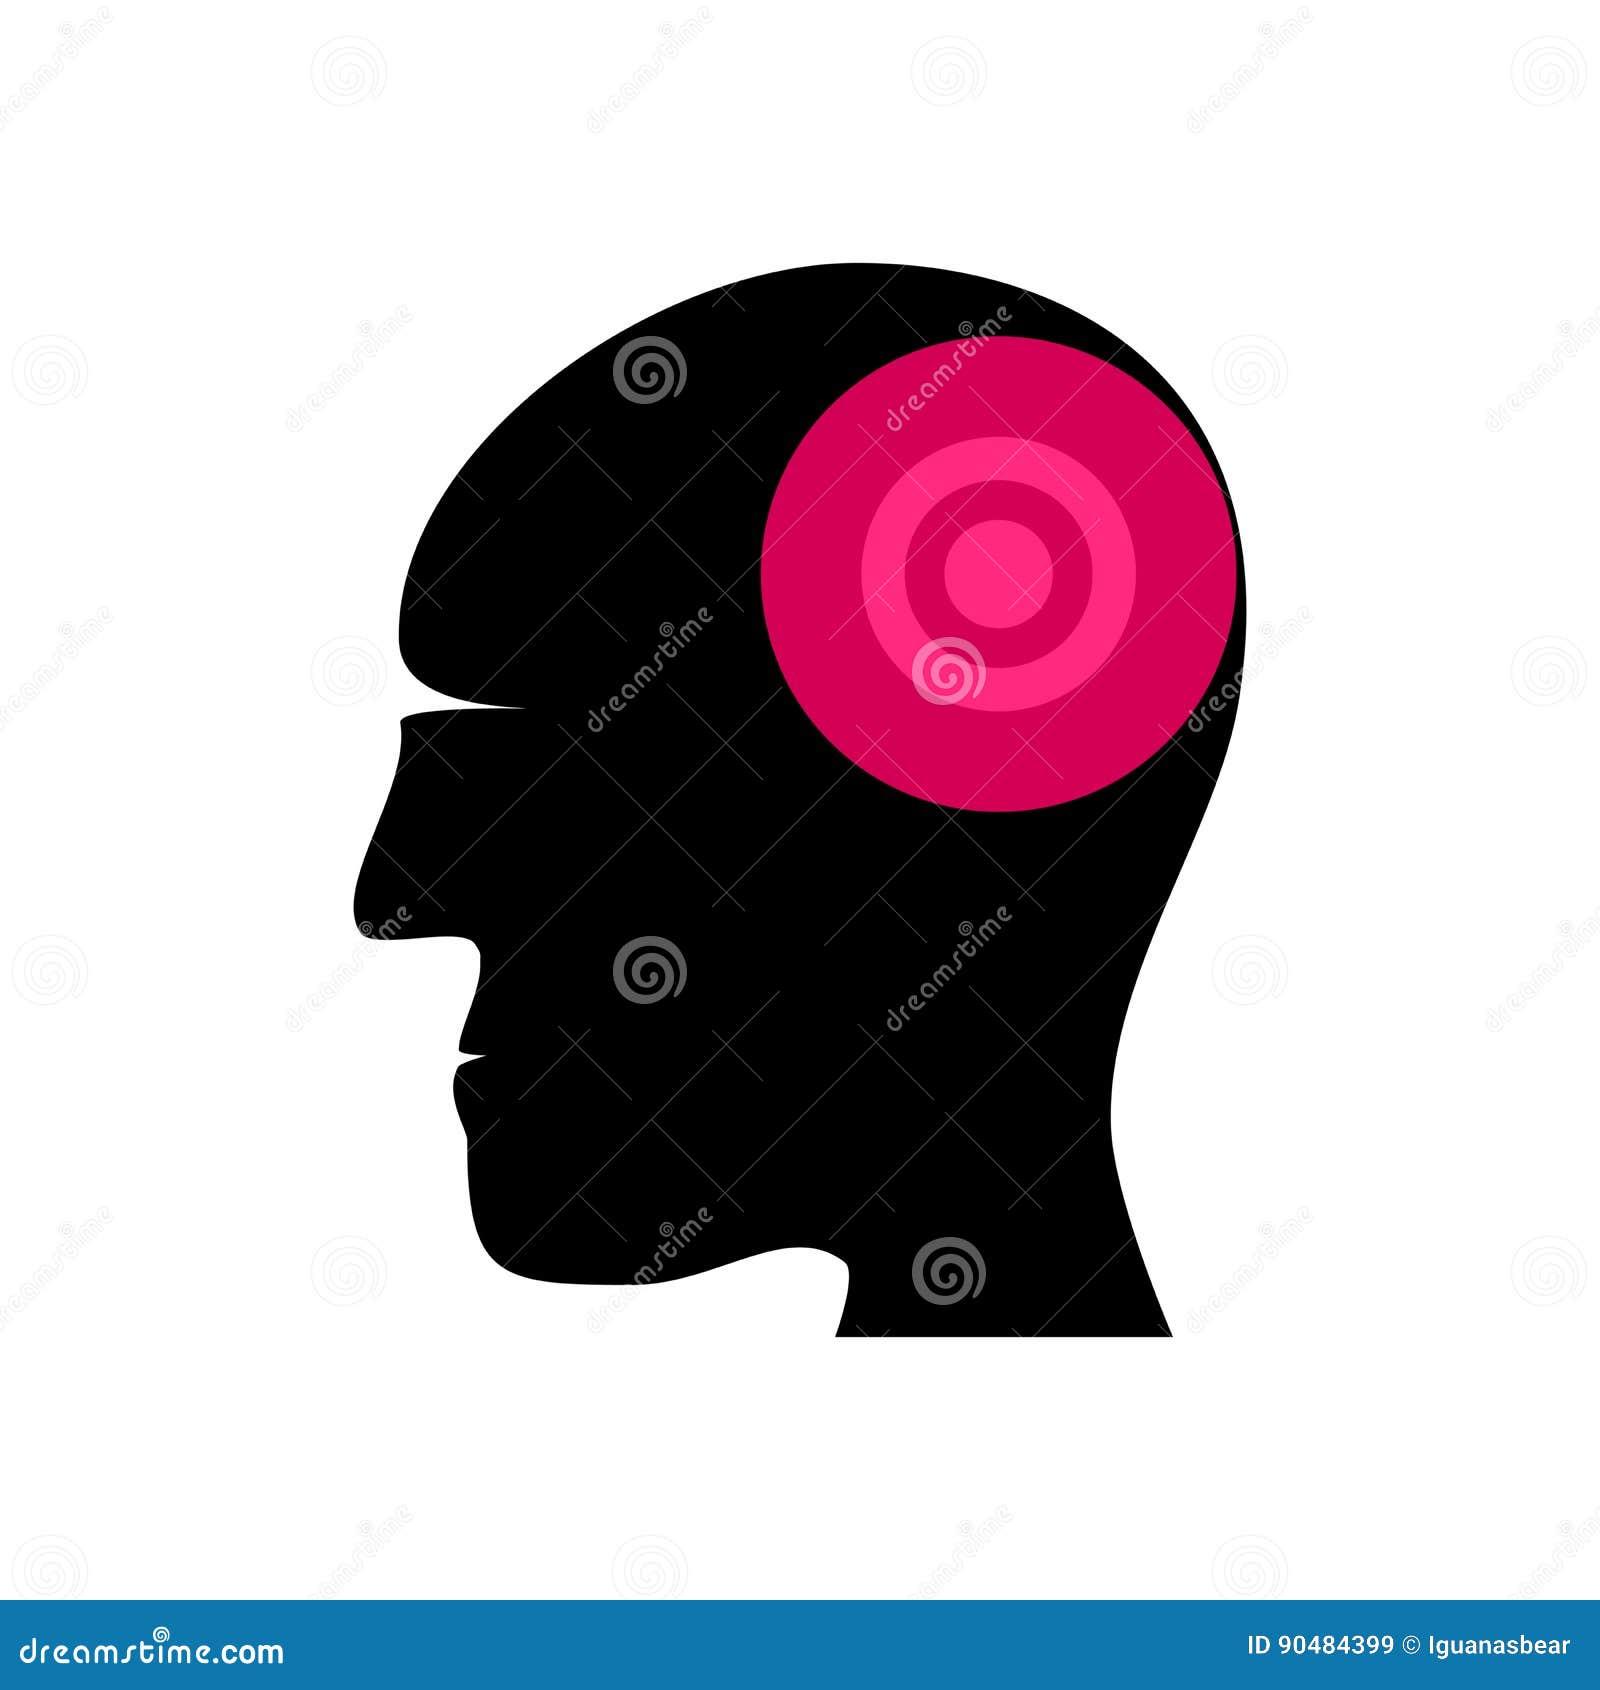 Μια σκιαγραφία ενός ανθρώπινου κεφαλιού με τη χαρακτηρισμένη επίπονη περιοχή